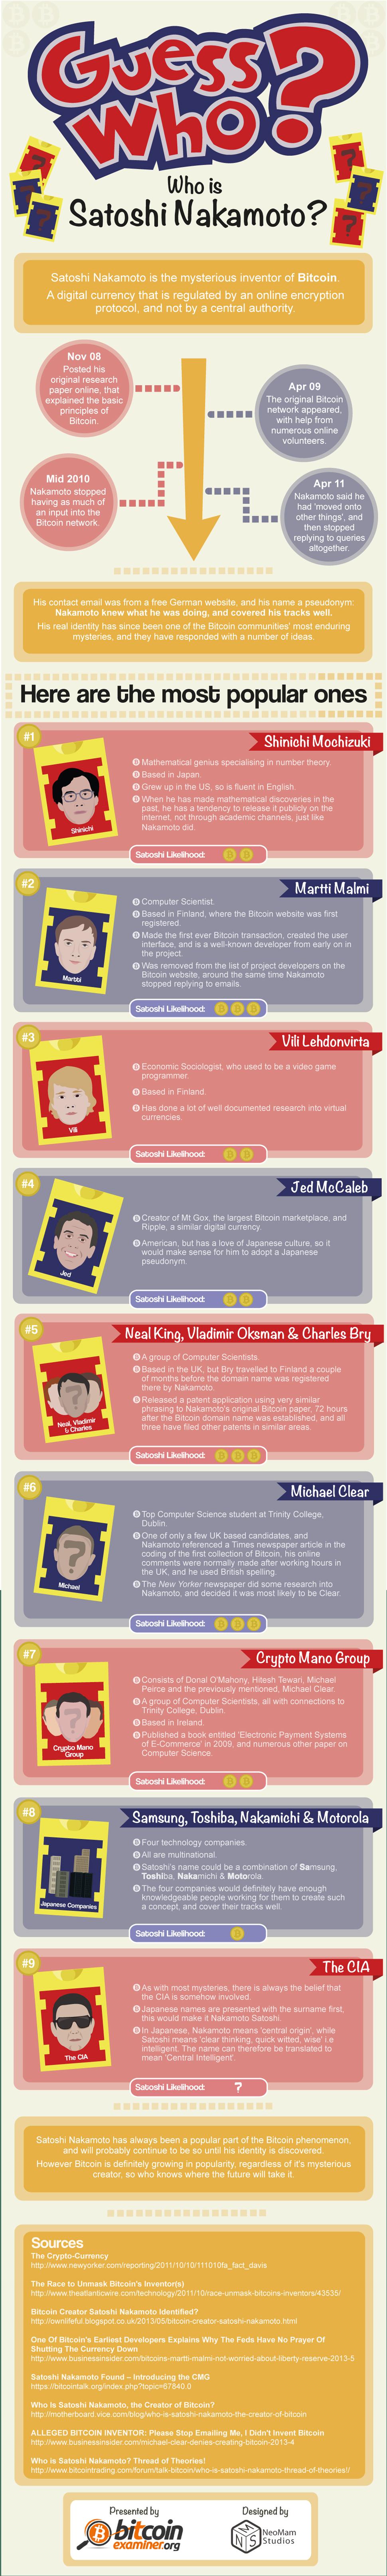 Who is Satoshi Nakamoto? [Infographic]